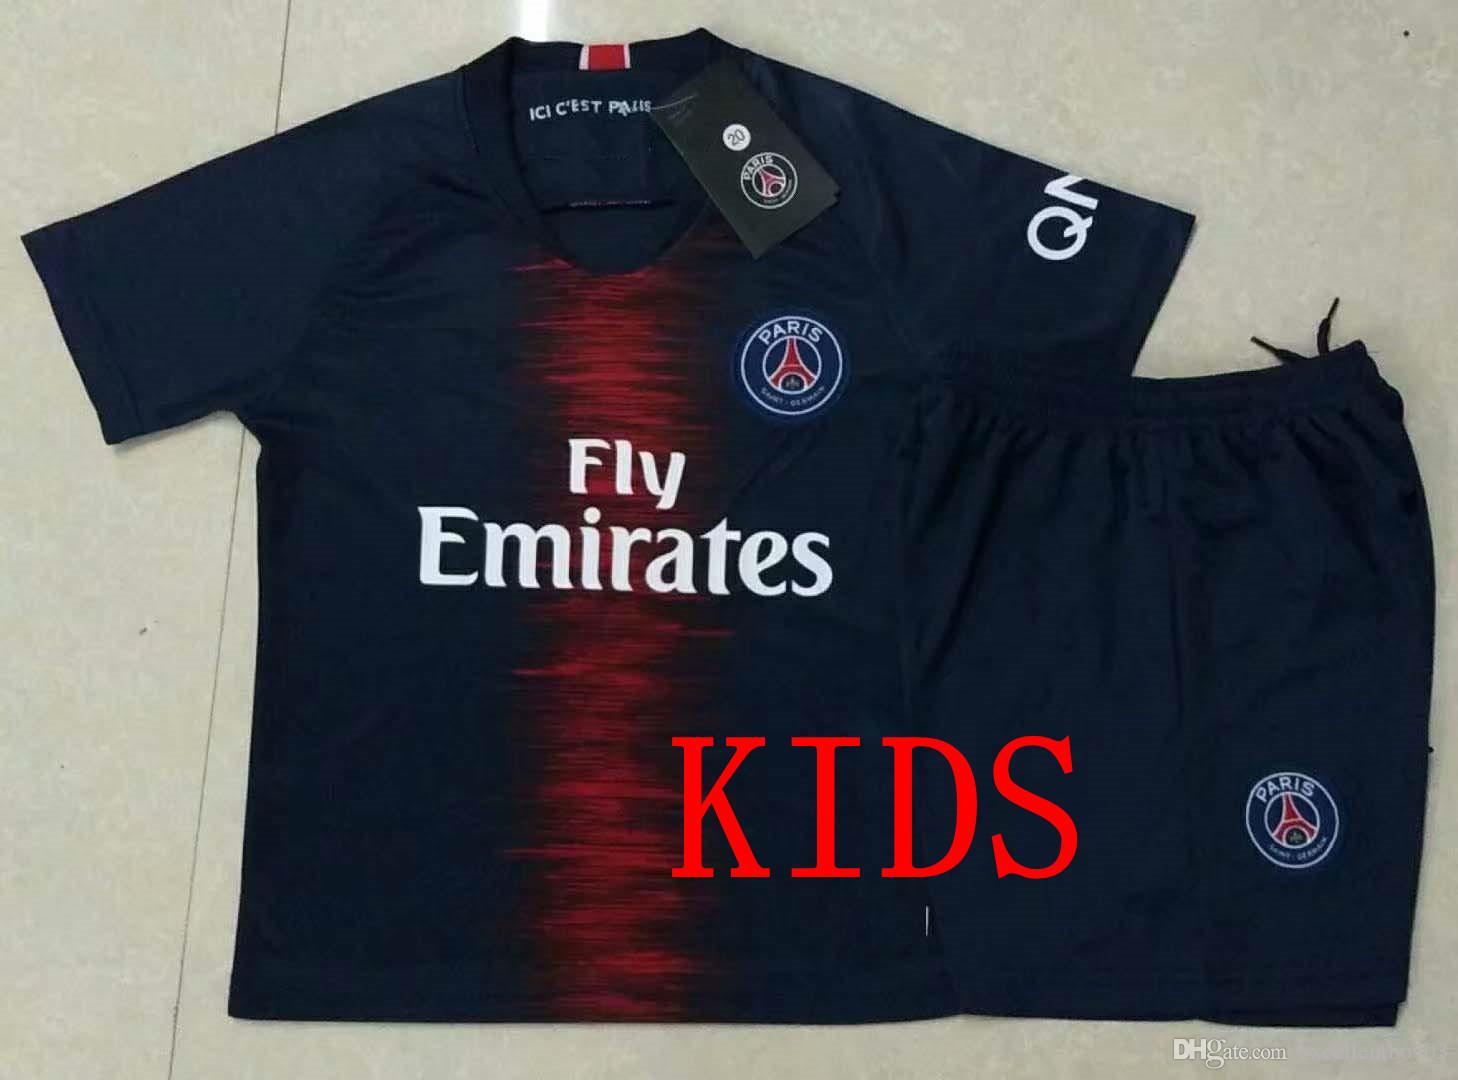 Compre CRIANÇAS S 2XL 18 19 PSG   7 MBAPPE Camisa PSG Camisa Do Miúdo Paris  Tshirt PSG Crianças Kit Uniforme De Futebol Camisa Do Miúdo A1 De  Excellentboy03 ... 0911e9685d624